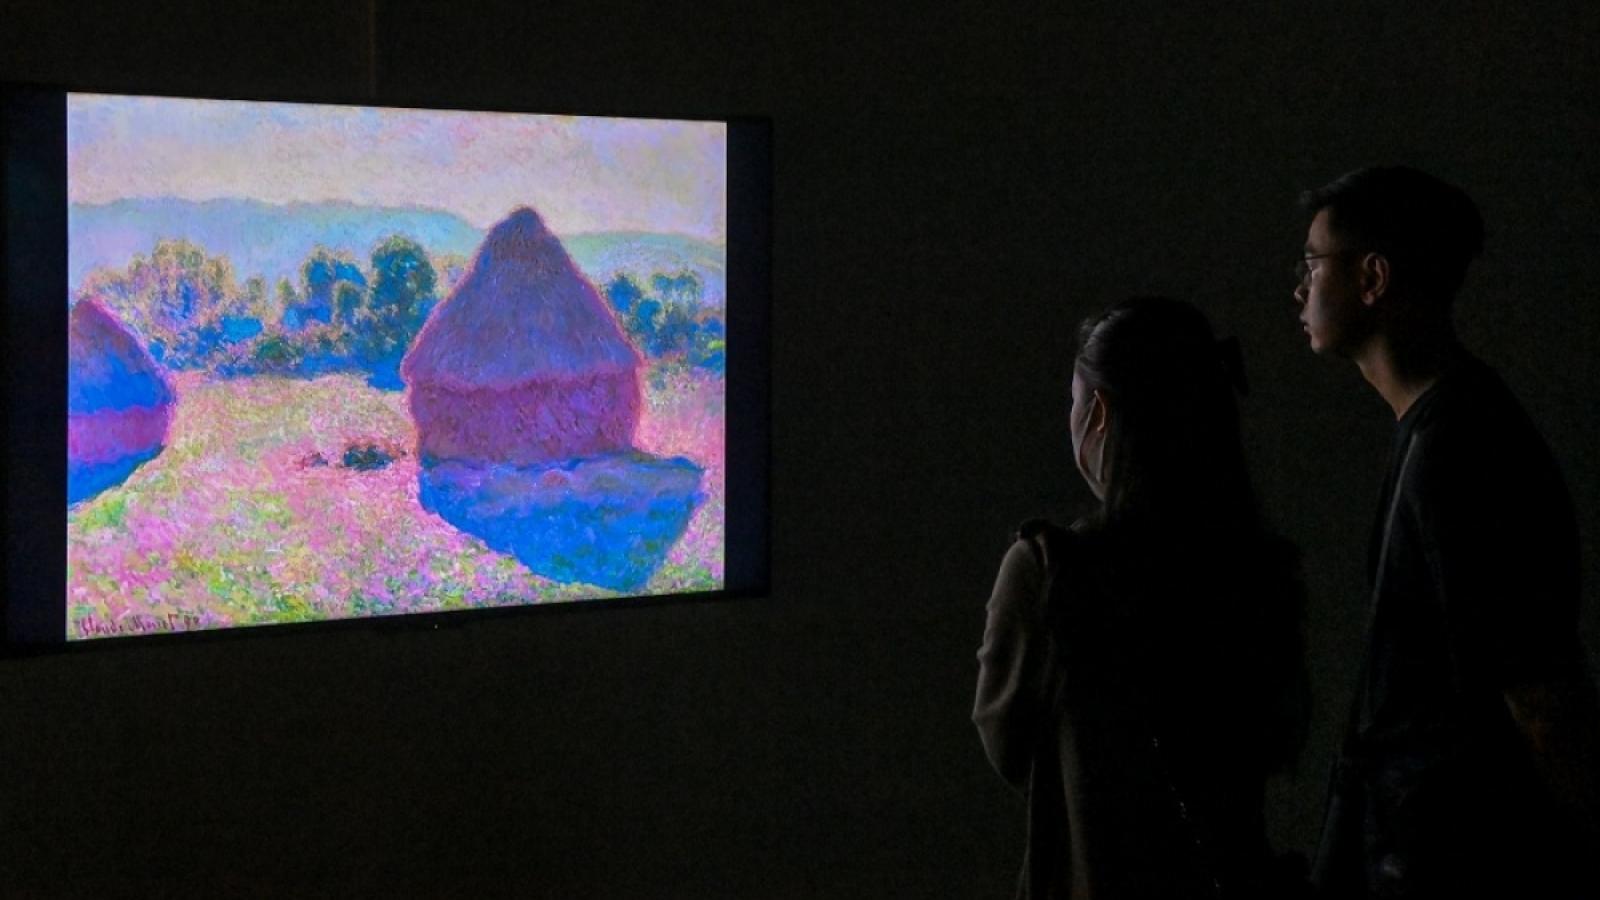 Số hóa văn hóa nghệ thuật – Khi công nghệ chắp cánh cho trải nghiệm